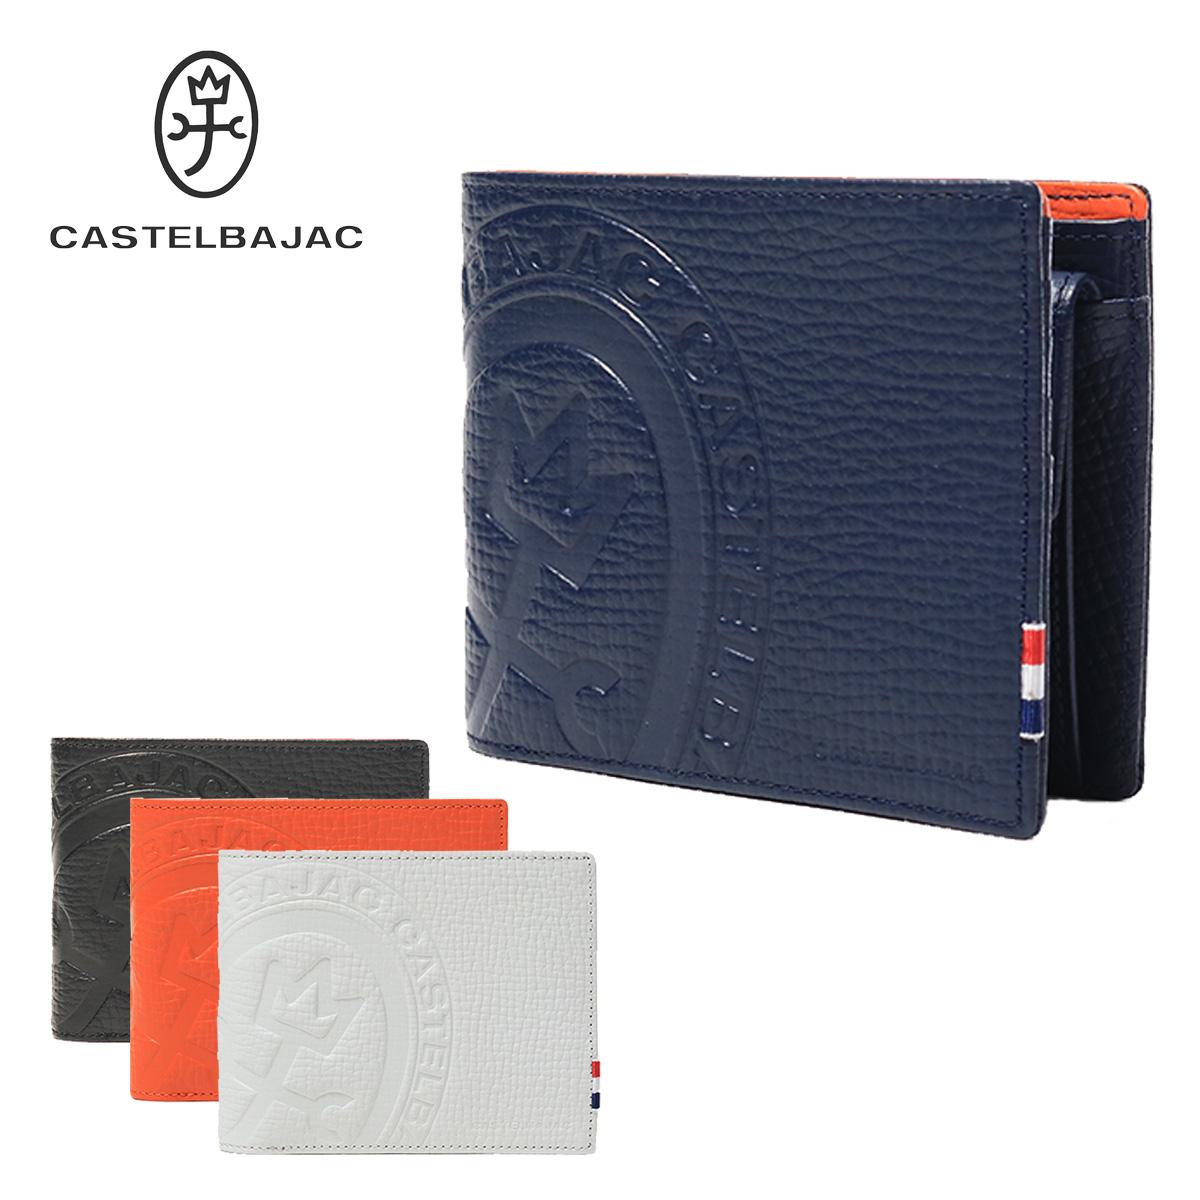 カステルバジャック 二つ折り財布 メンズ ピッコロ 022614 CASTELBAJAC 本革 レザー【PO10】